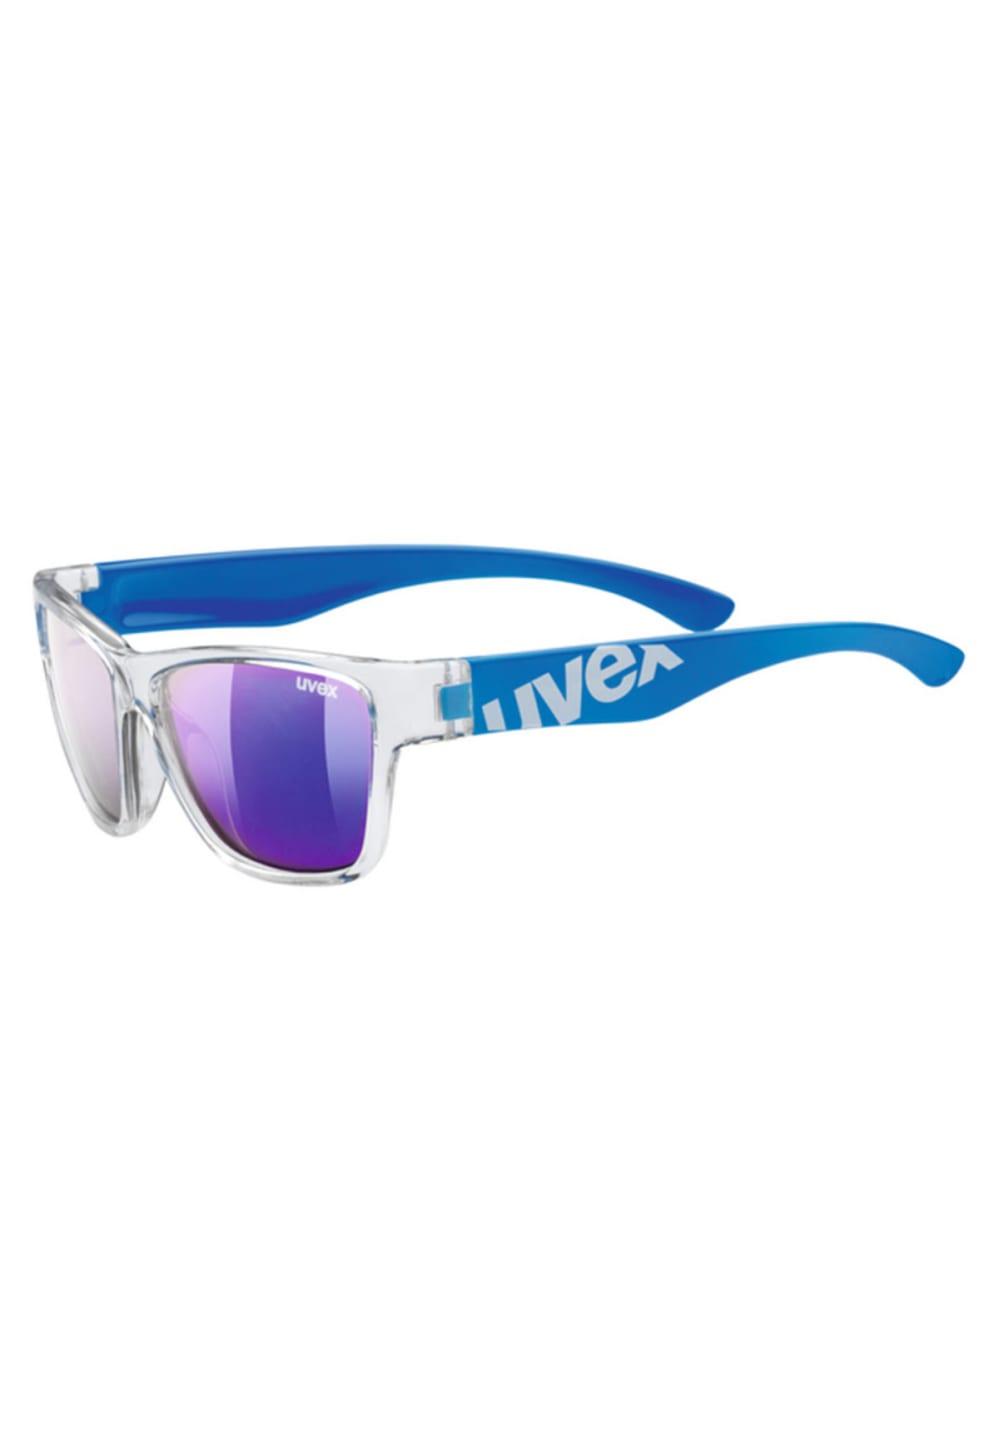 Uvex Sportstyle 508 Sportbrillen - Blau, Gr. One Size